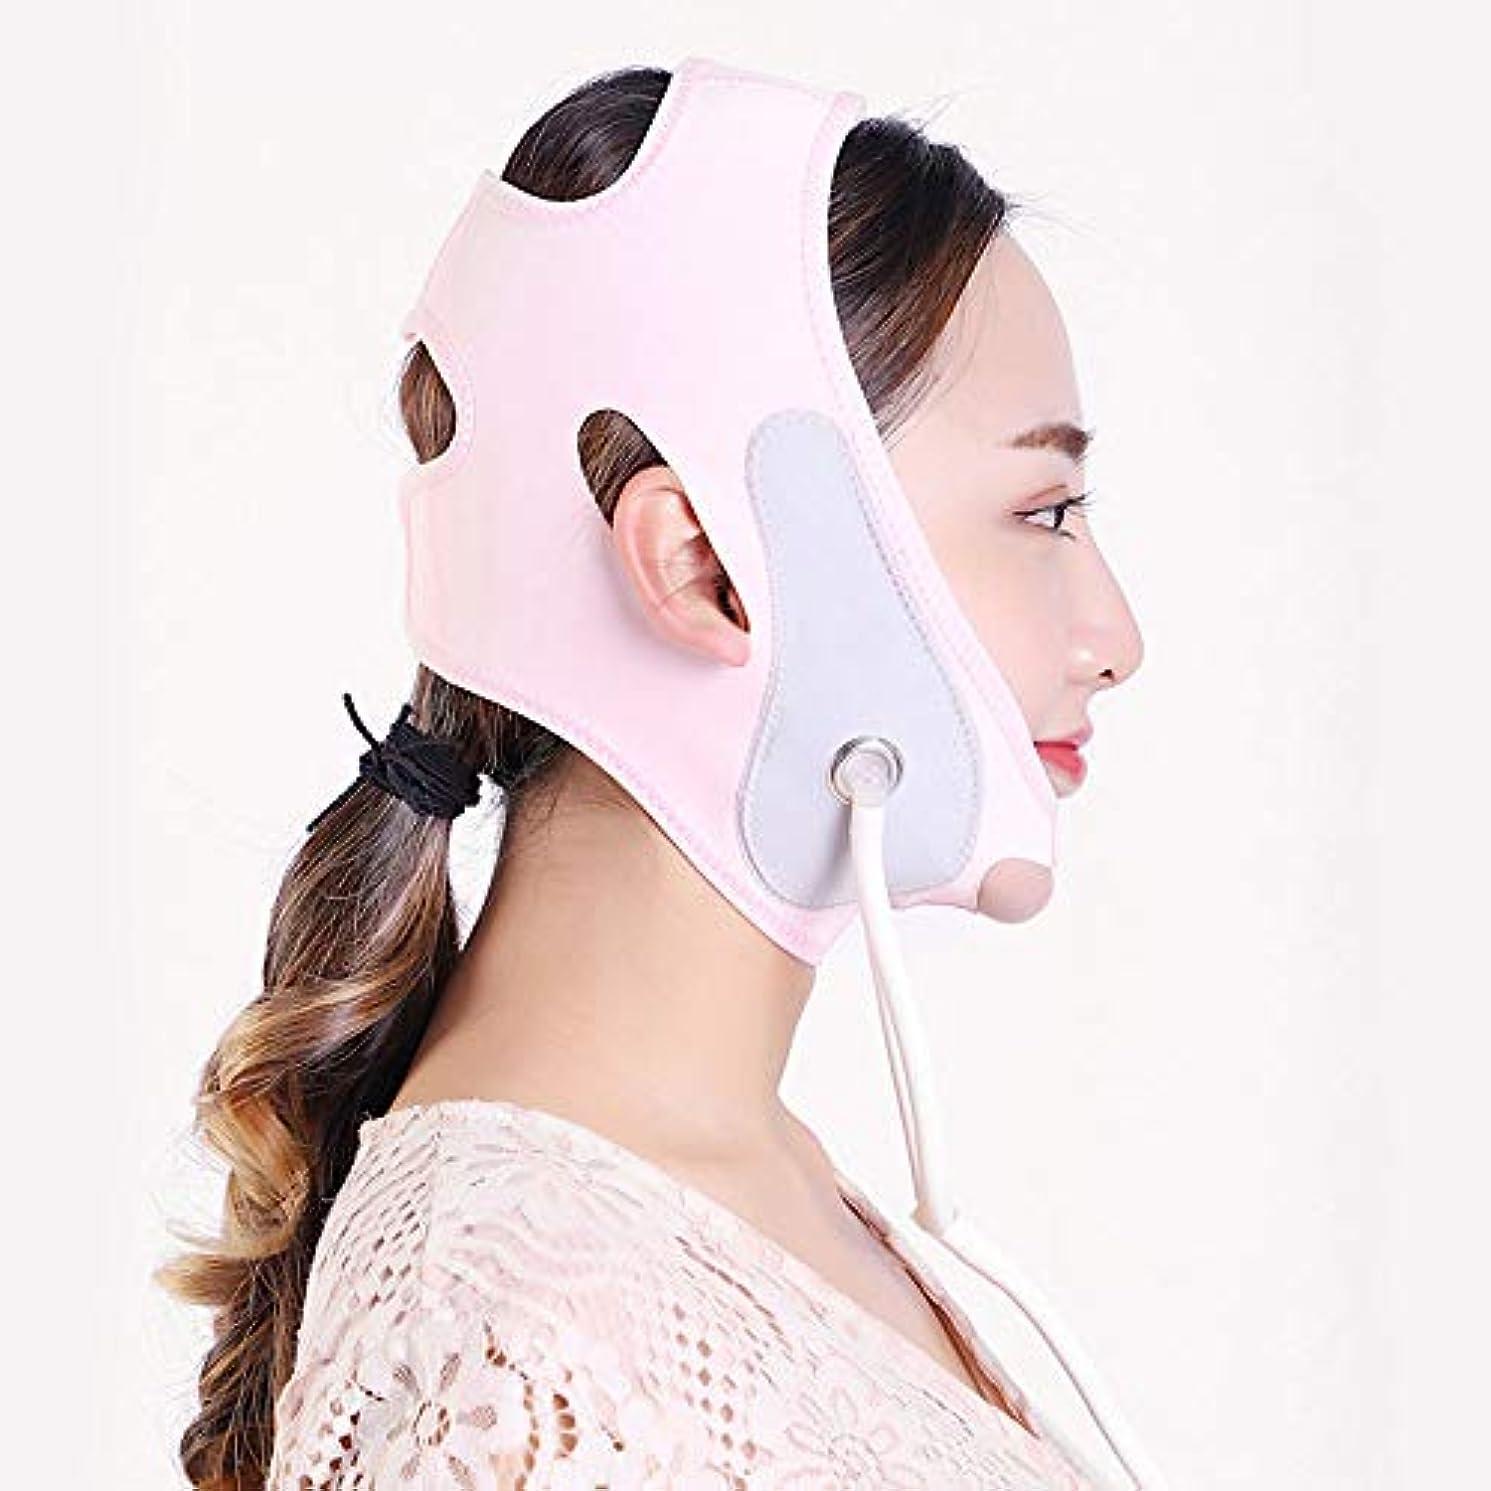 母凍るスペイン膨脹可能なVのマスク、持ち上がる咬筋の筋肉収縮のあごの睡眠ベルト/膨脹可能なベルト/包帯を持ち上げる